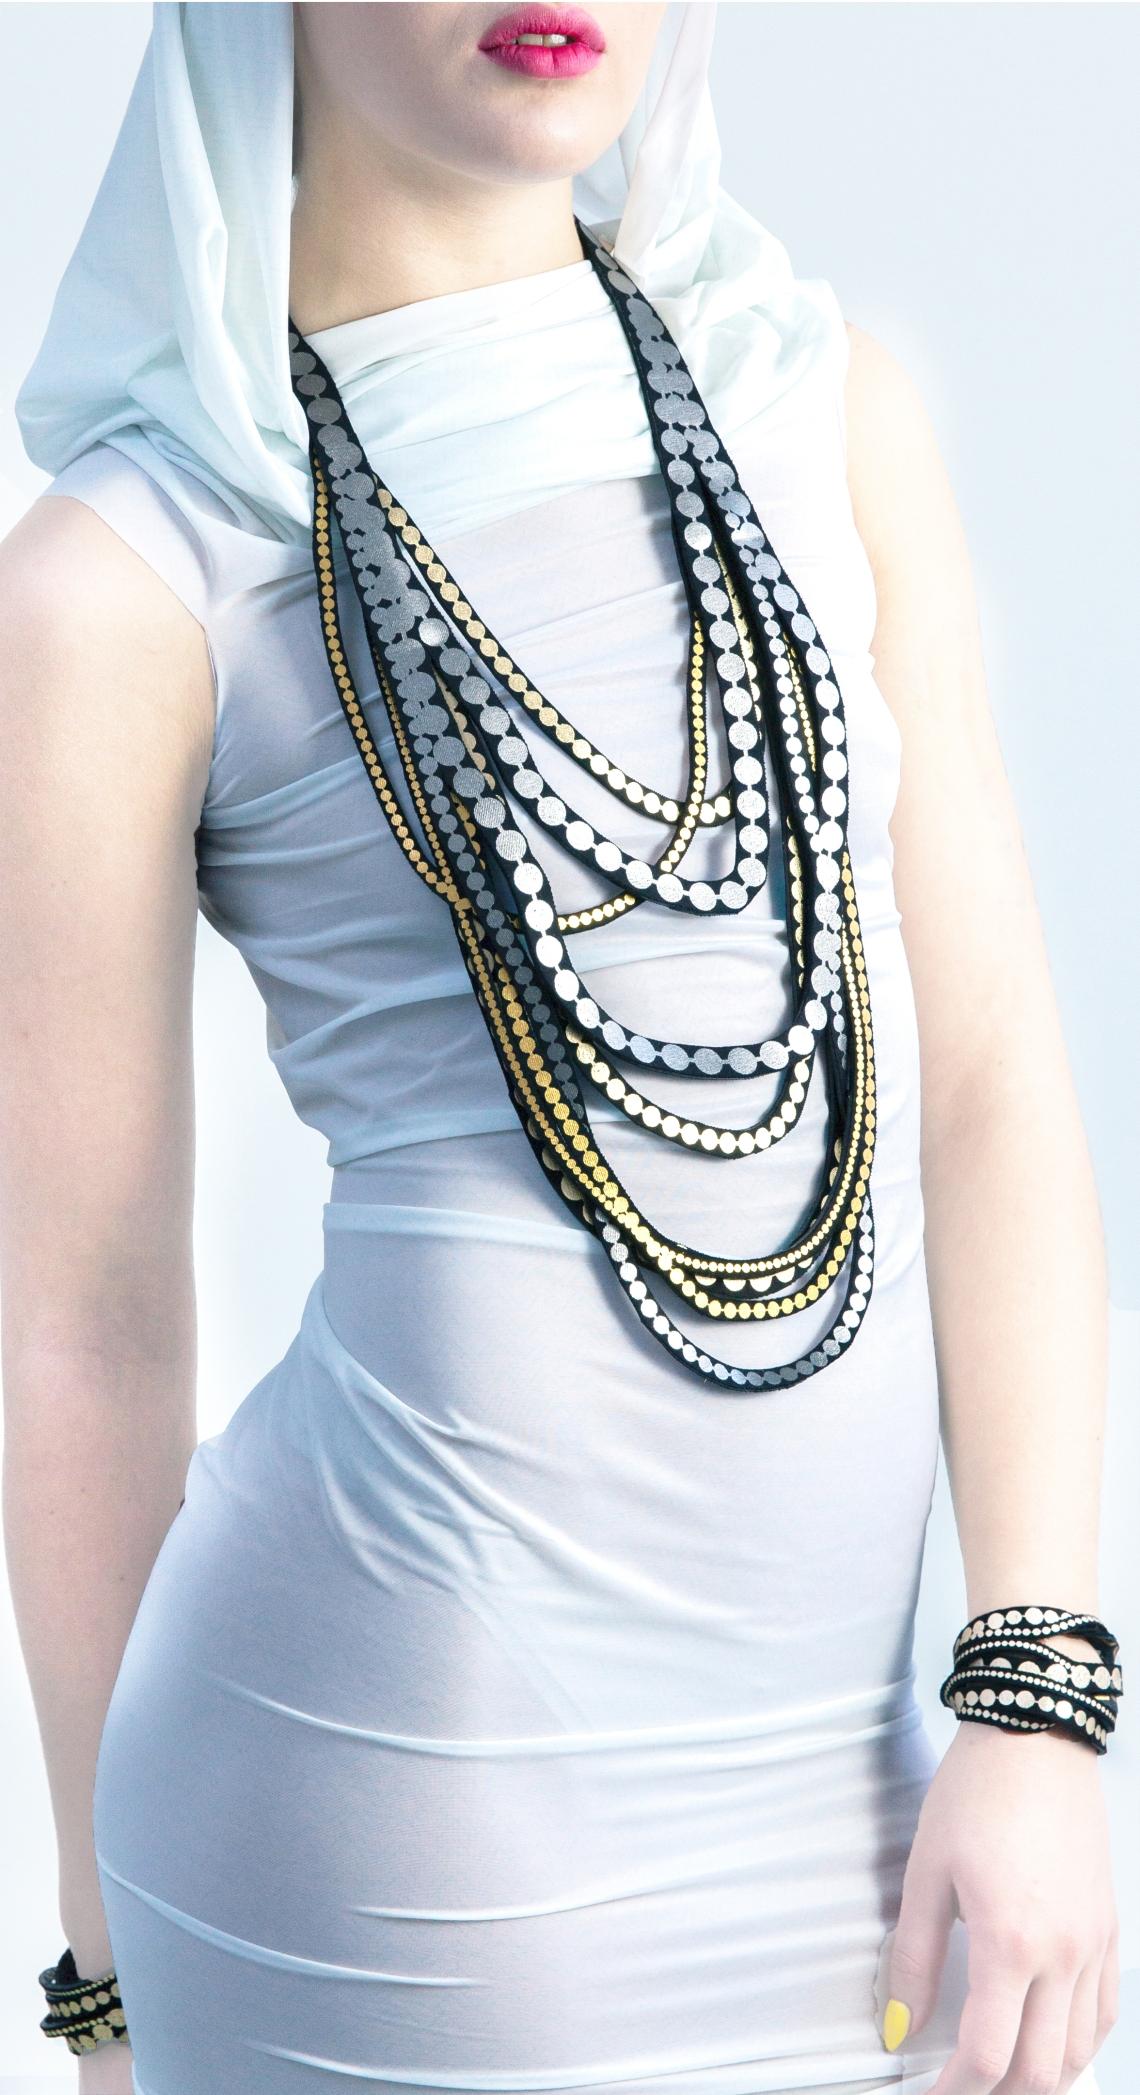 Uli Rapp, halssieraad en armbanden. Foto met dank aan Uli Rapp©